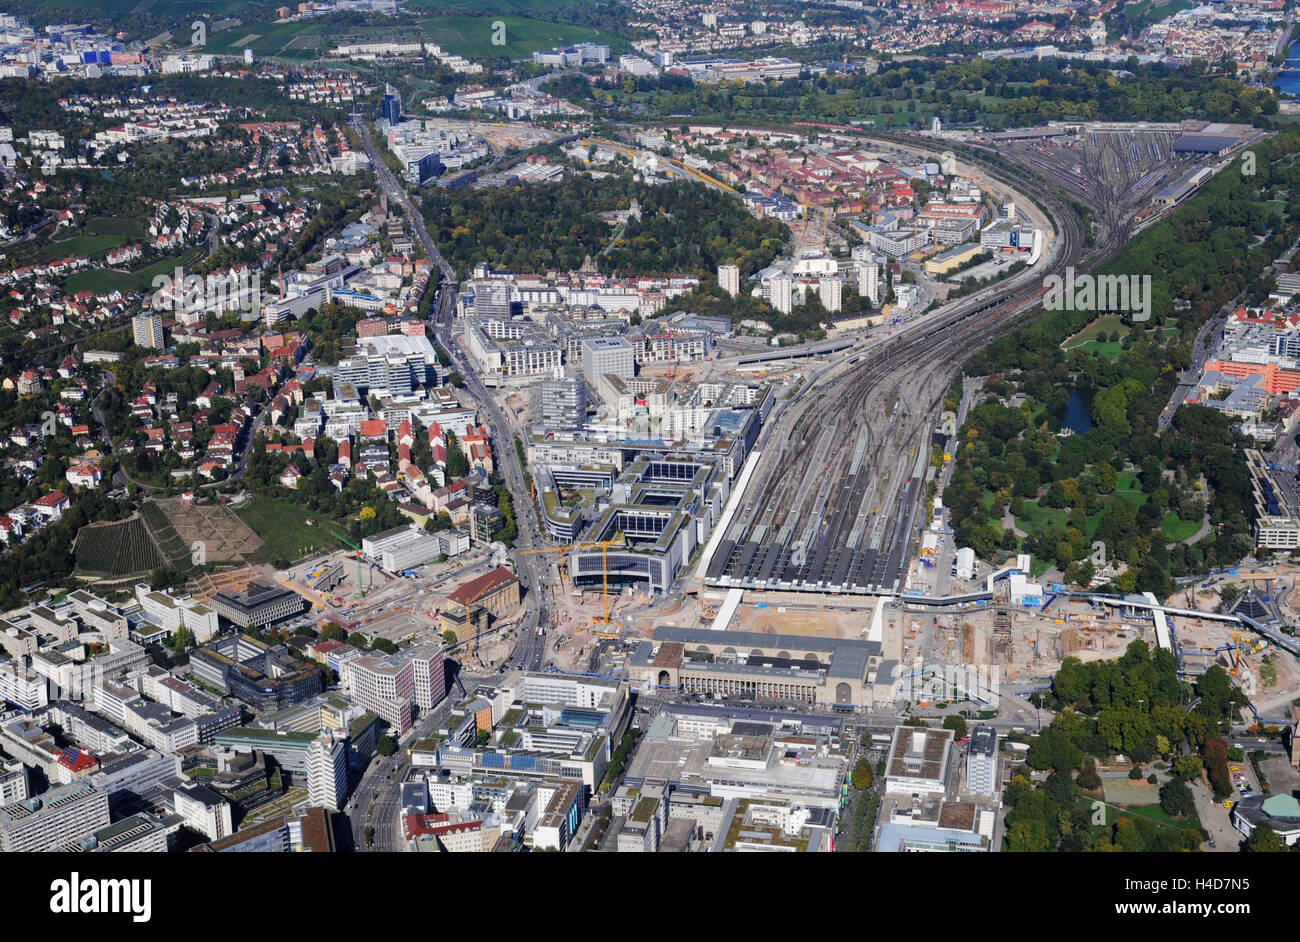 Luftbild, totale Stuttgart21, Hauptbahnhof Männer am Arbeitsplatz, Gleis, Europäische vierte, mittlere Stockbild